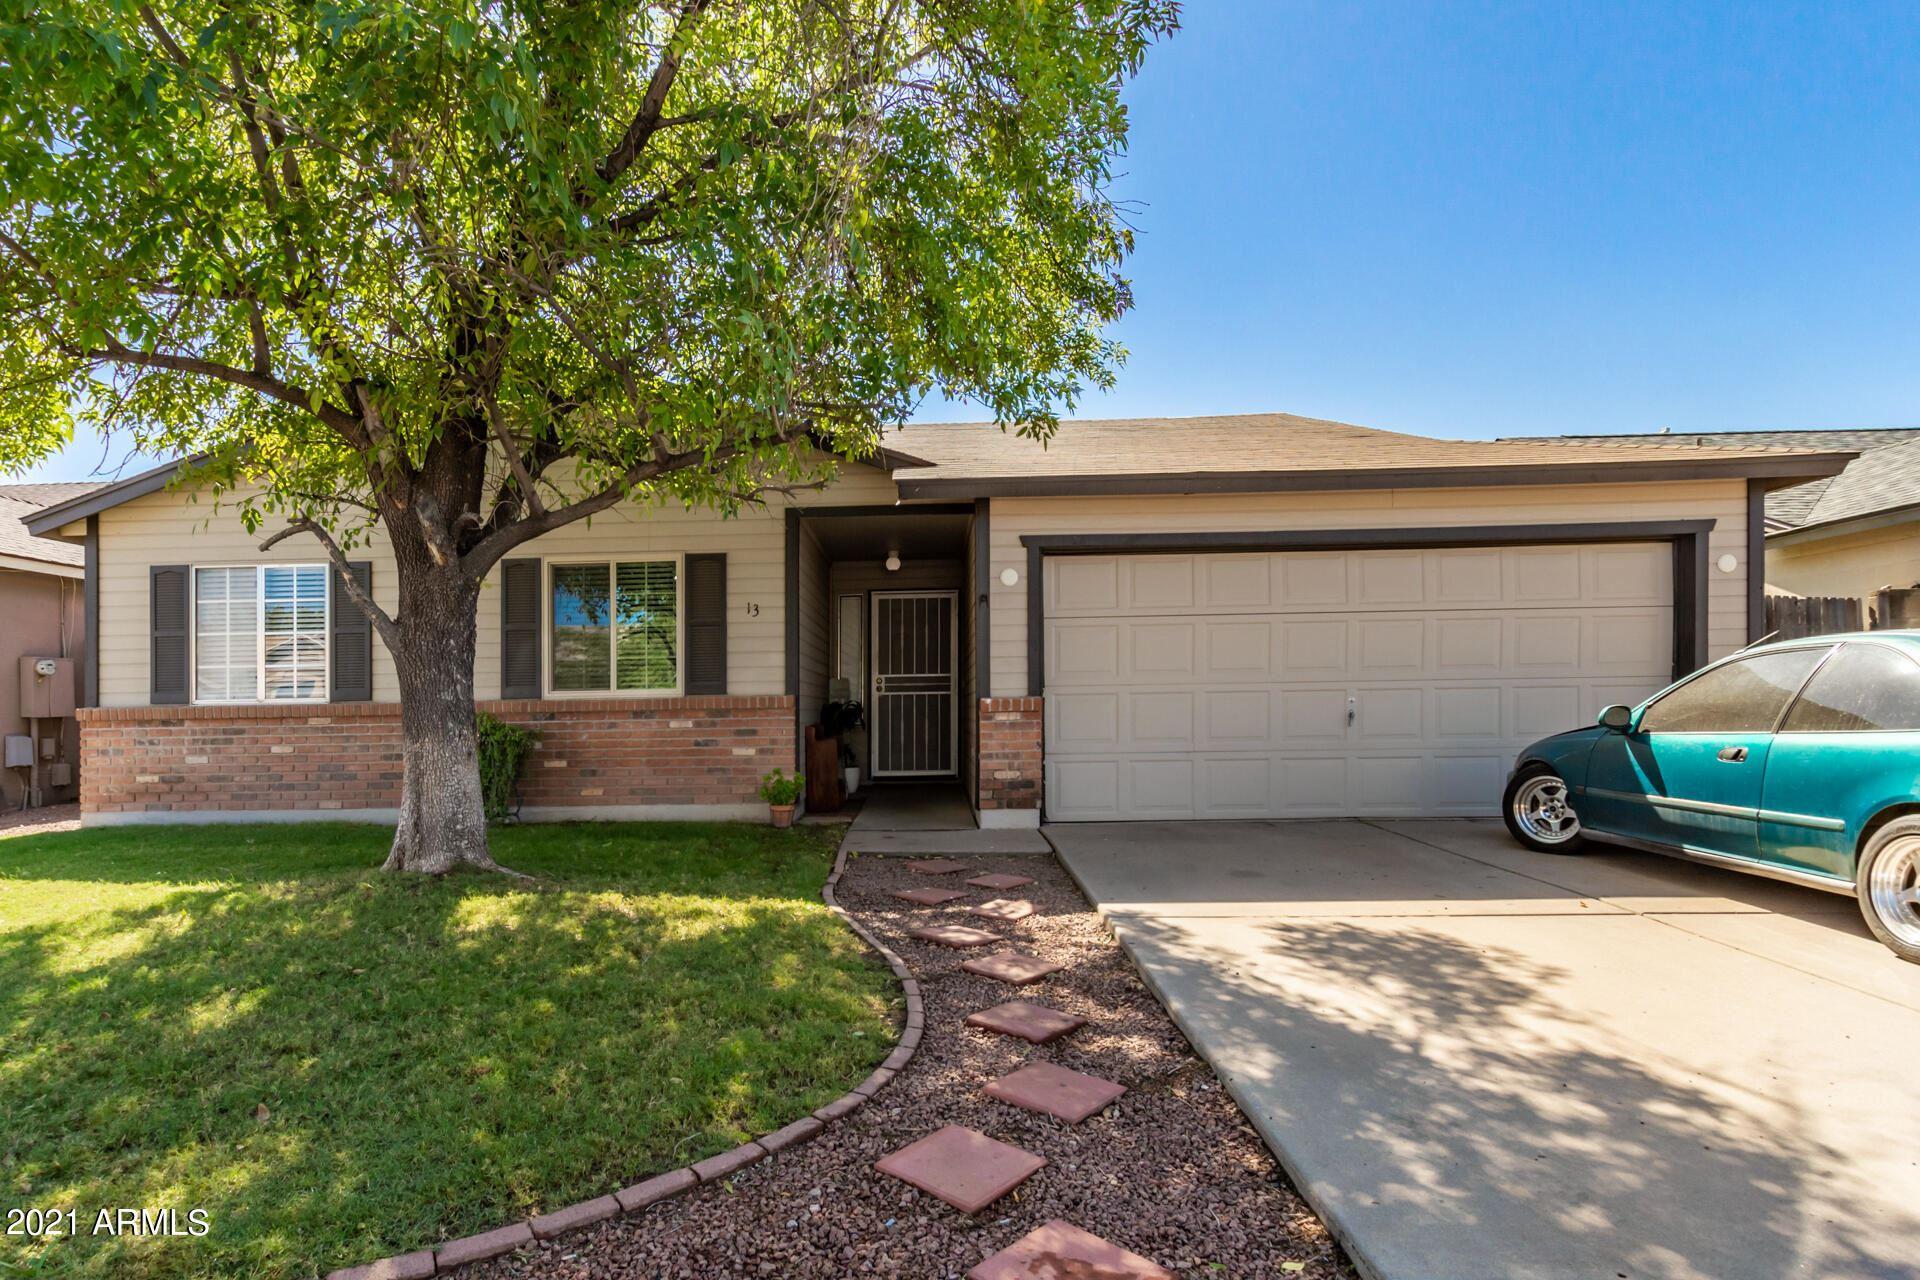 Photo of 131 W IVYGLEN Street, Mesa, AZ 85201 (MLS # 6307685)